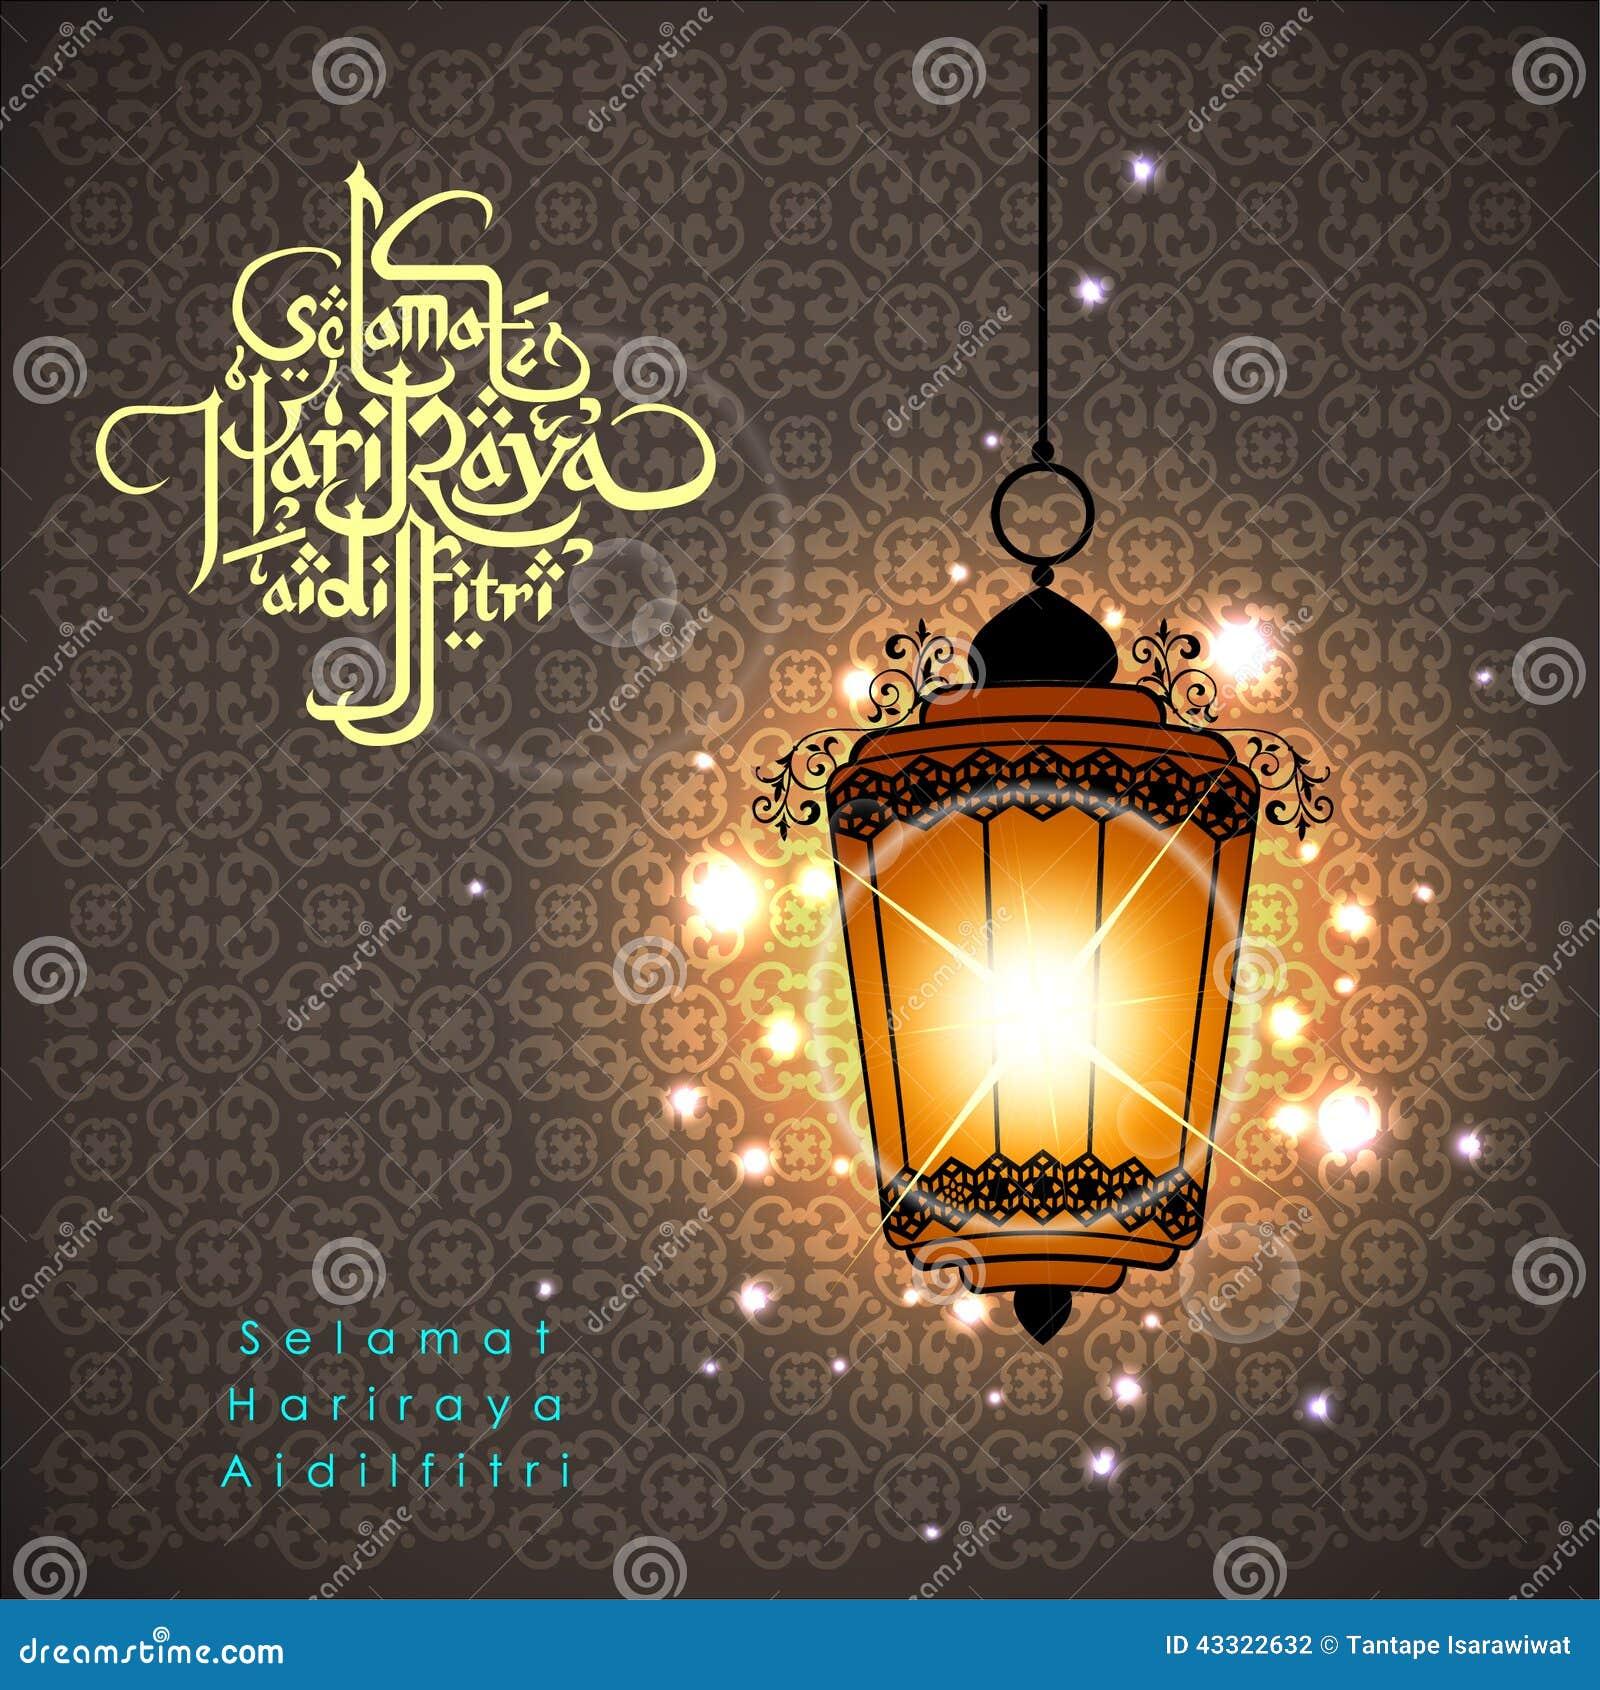 Top Raya Eid Al-Fitr Decorations - aidilfitri-graphic-design-selama-hari-raya-aidilfi-literally-means-feast-eid-al-fitr-vector-illustration-eps-43322632  Best Photo Reference_615245 .jpg